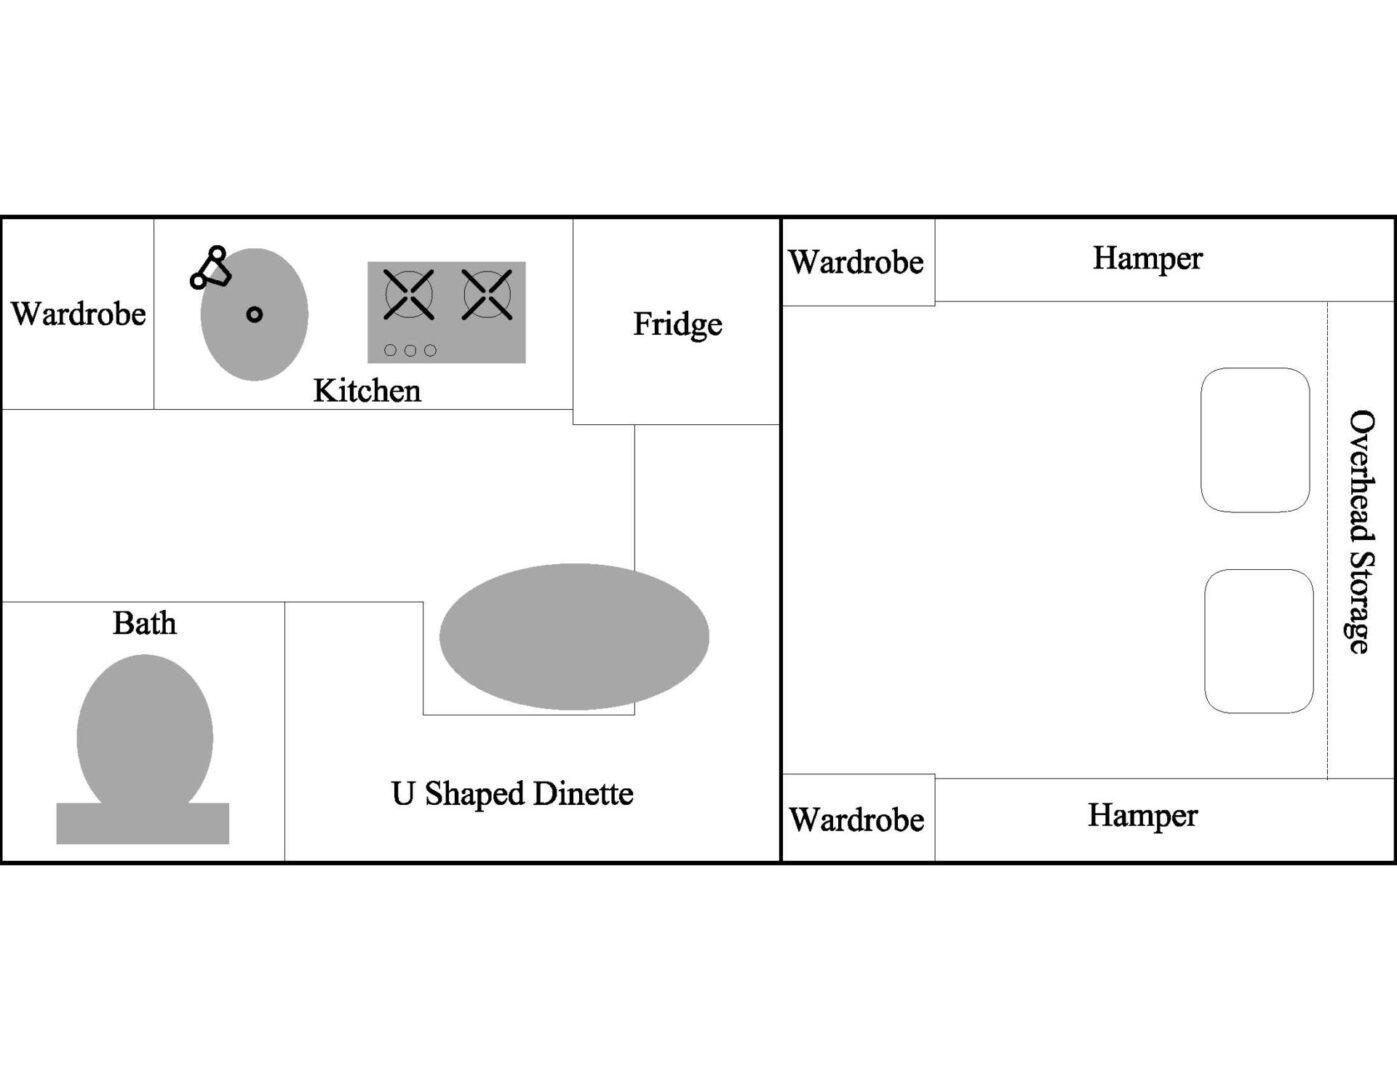 Roadrunner Floorplan (7.7.20)